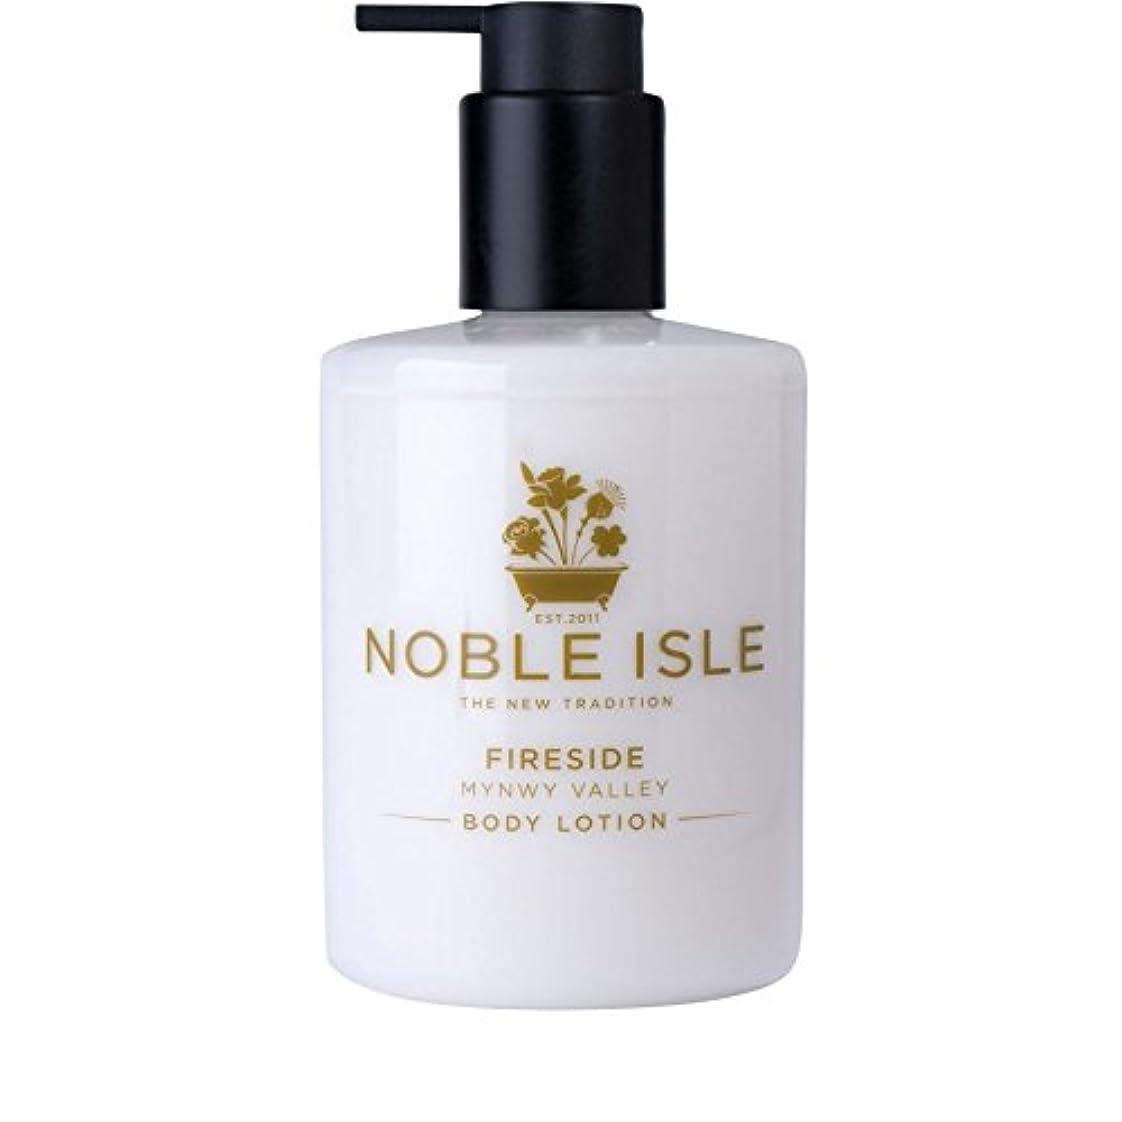 編集者誓約旅高貴な島炉端谷のボディローション250ミリリットル x4 - Noble Isle Fireside Mynwy Valley Body Lotion 250ml (Pack of 4) [並行輸入品]